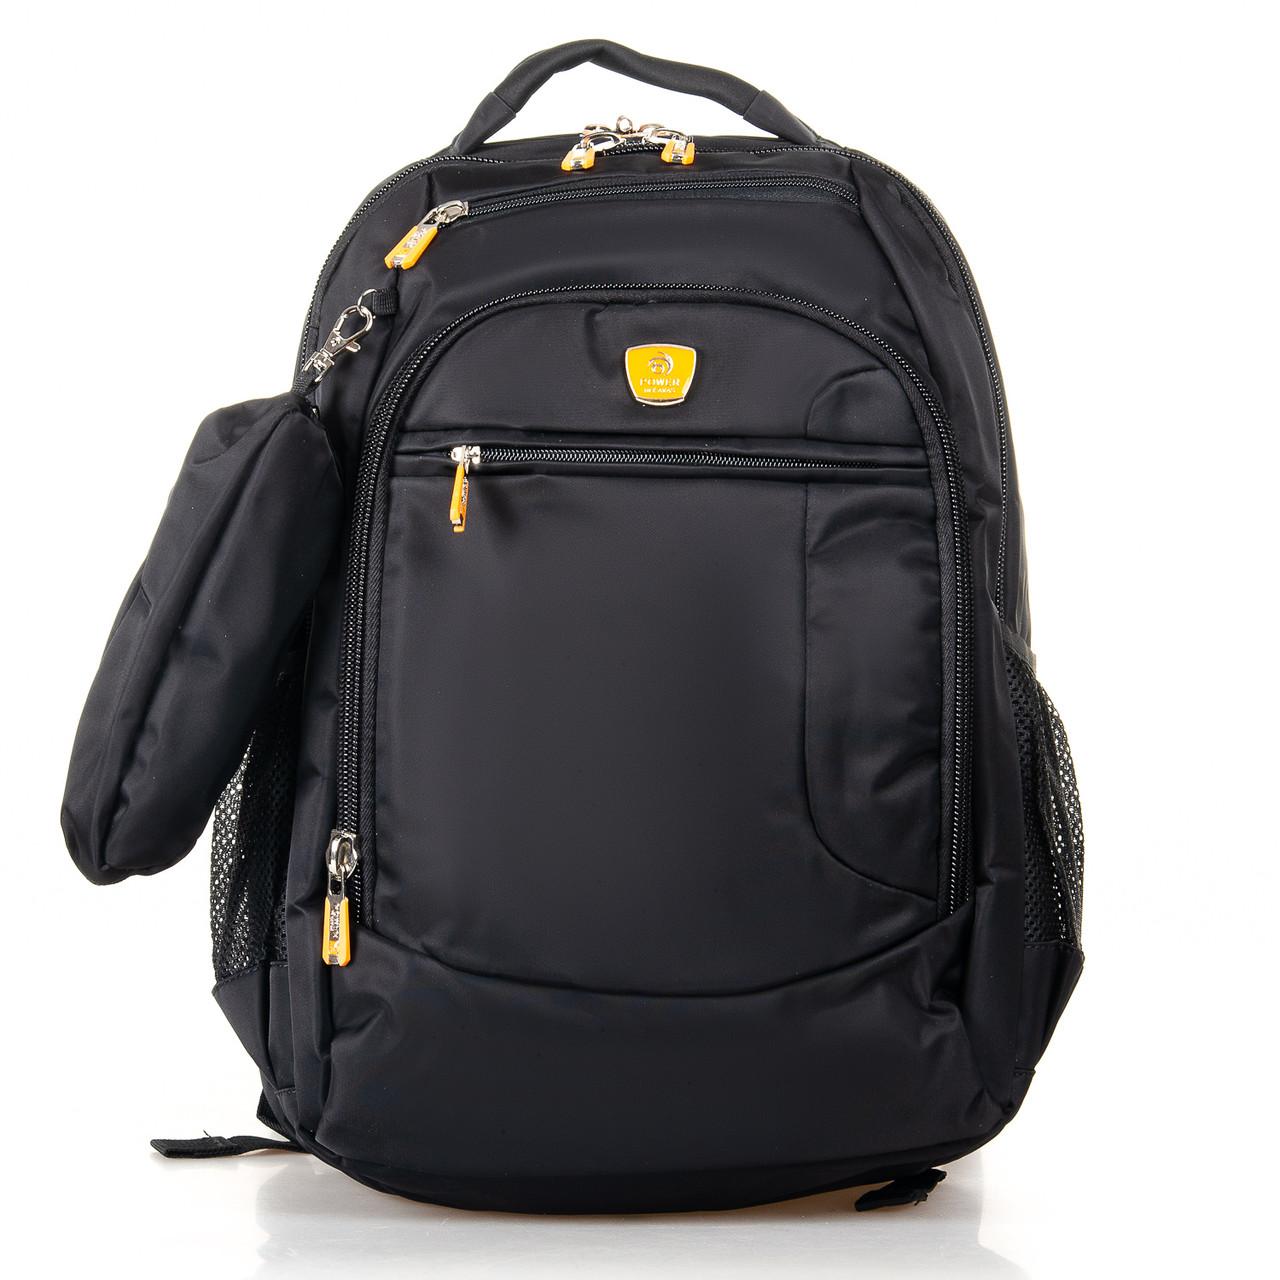 Рюкзак городской Power In Eavas 5143 black с карманом для ноутбука